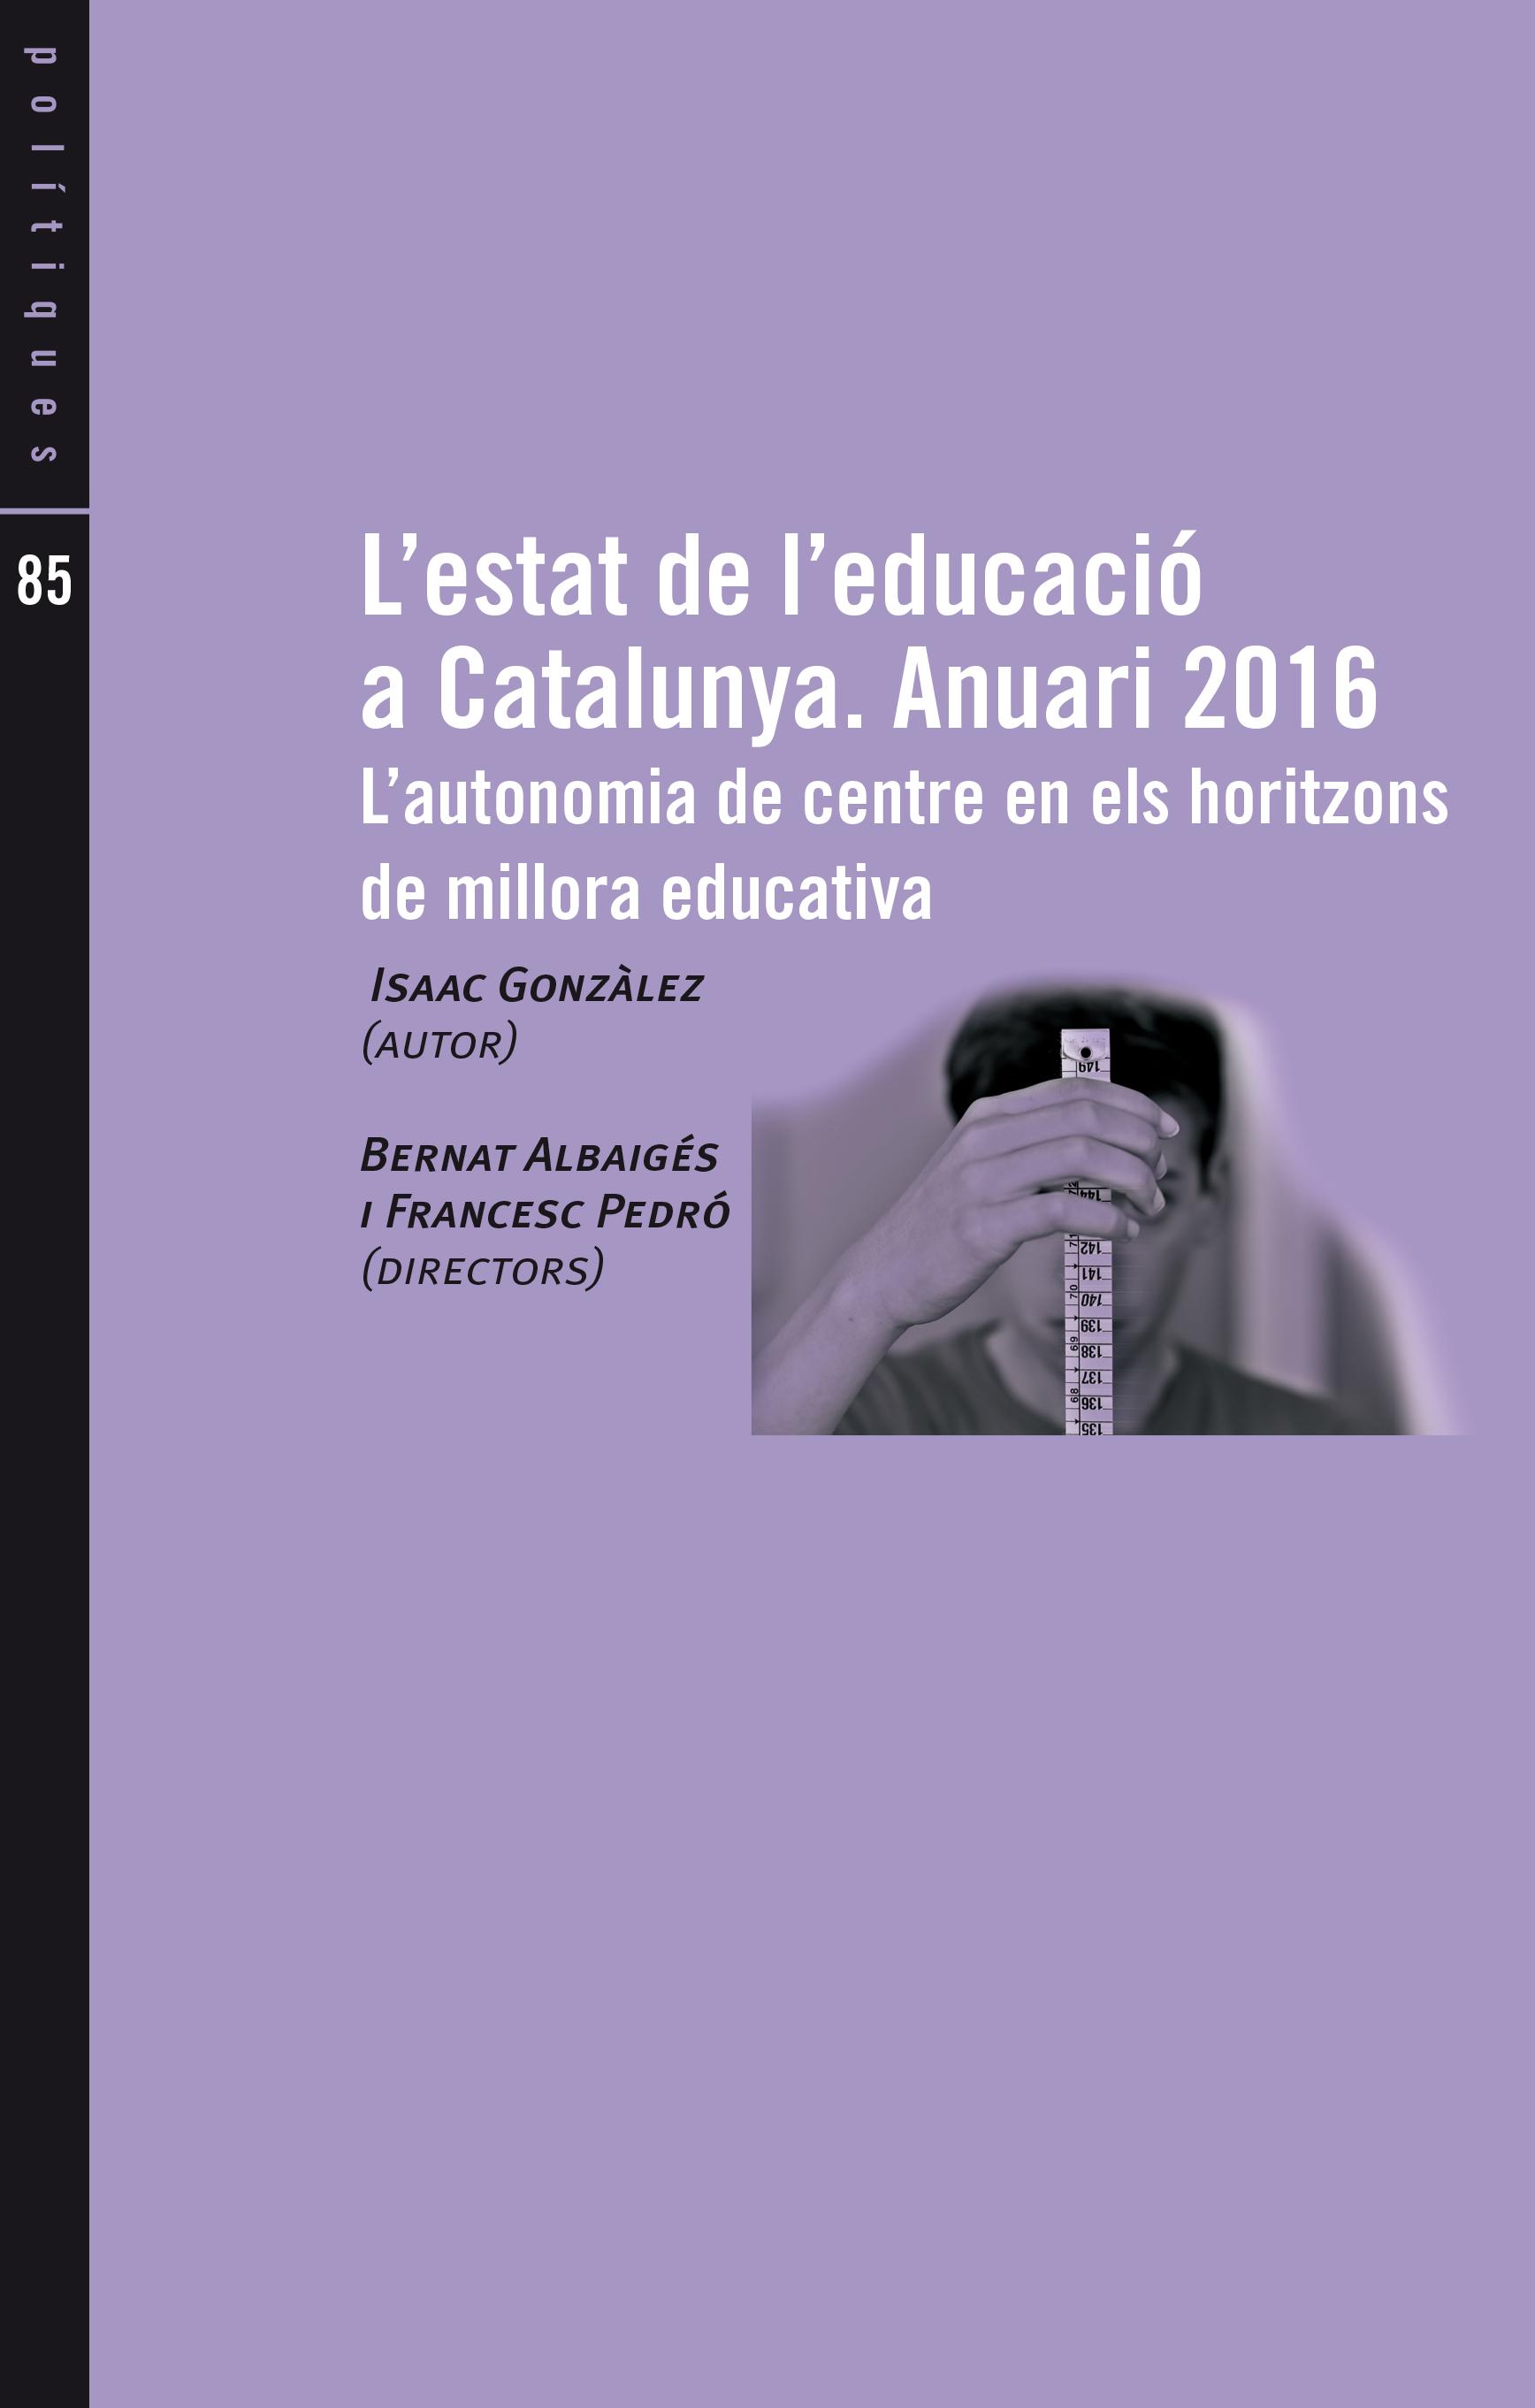 L'autonomia de centre en els horitzons de millora educativa